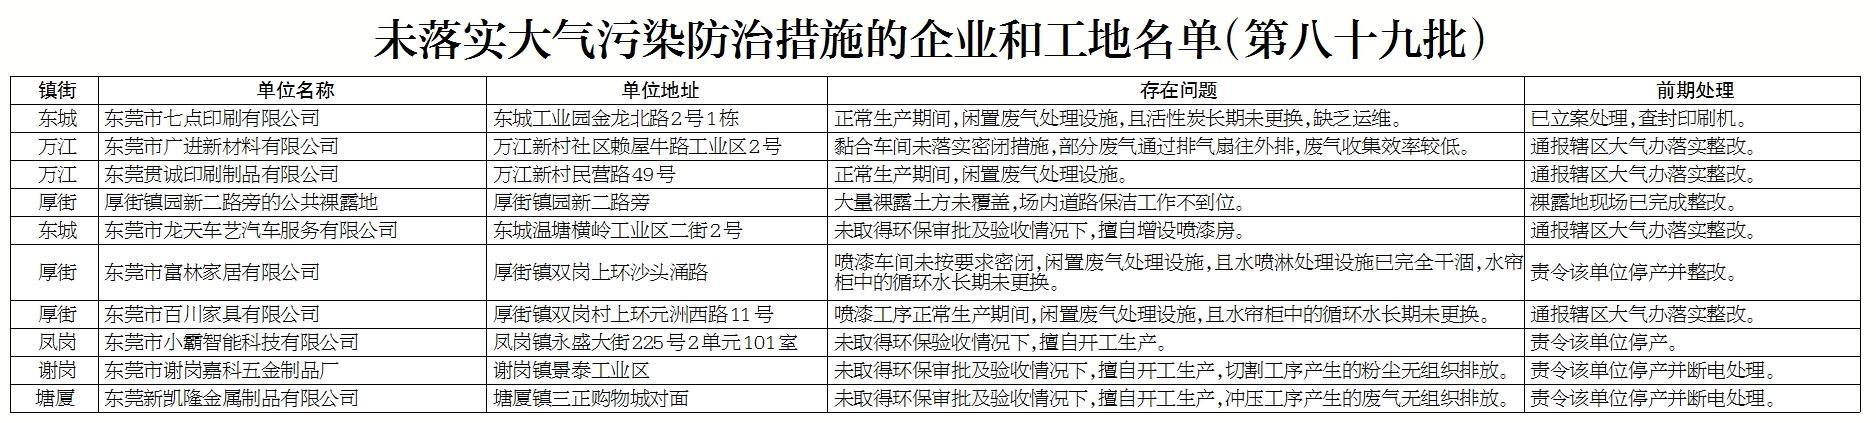 东莞市大气办启动夏季应急方案依法打击企业故意关停环保设施行为